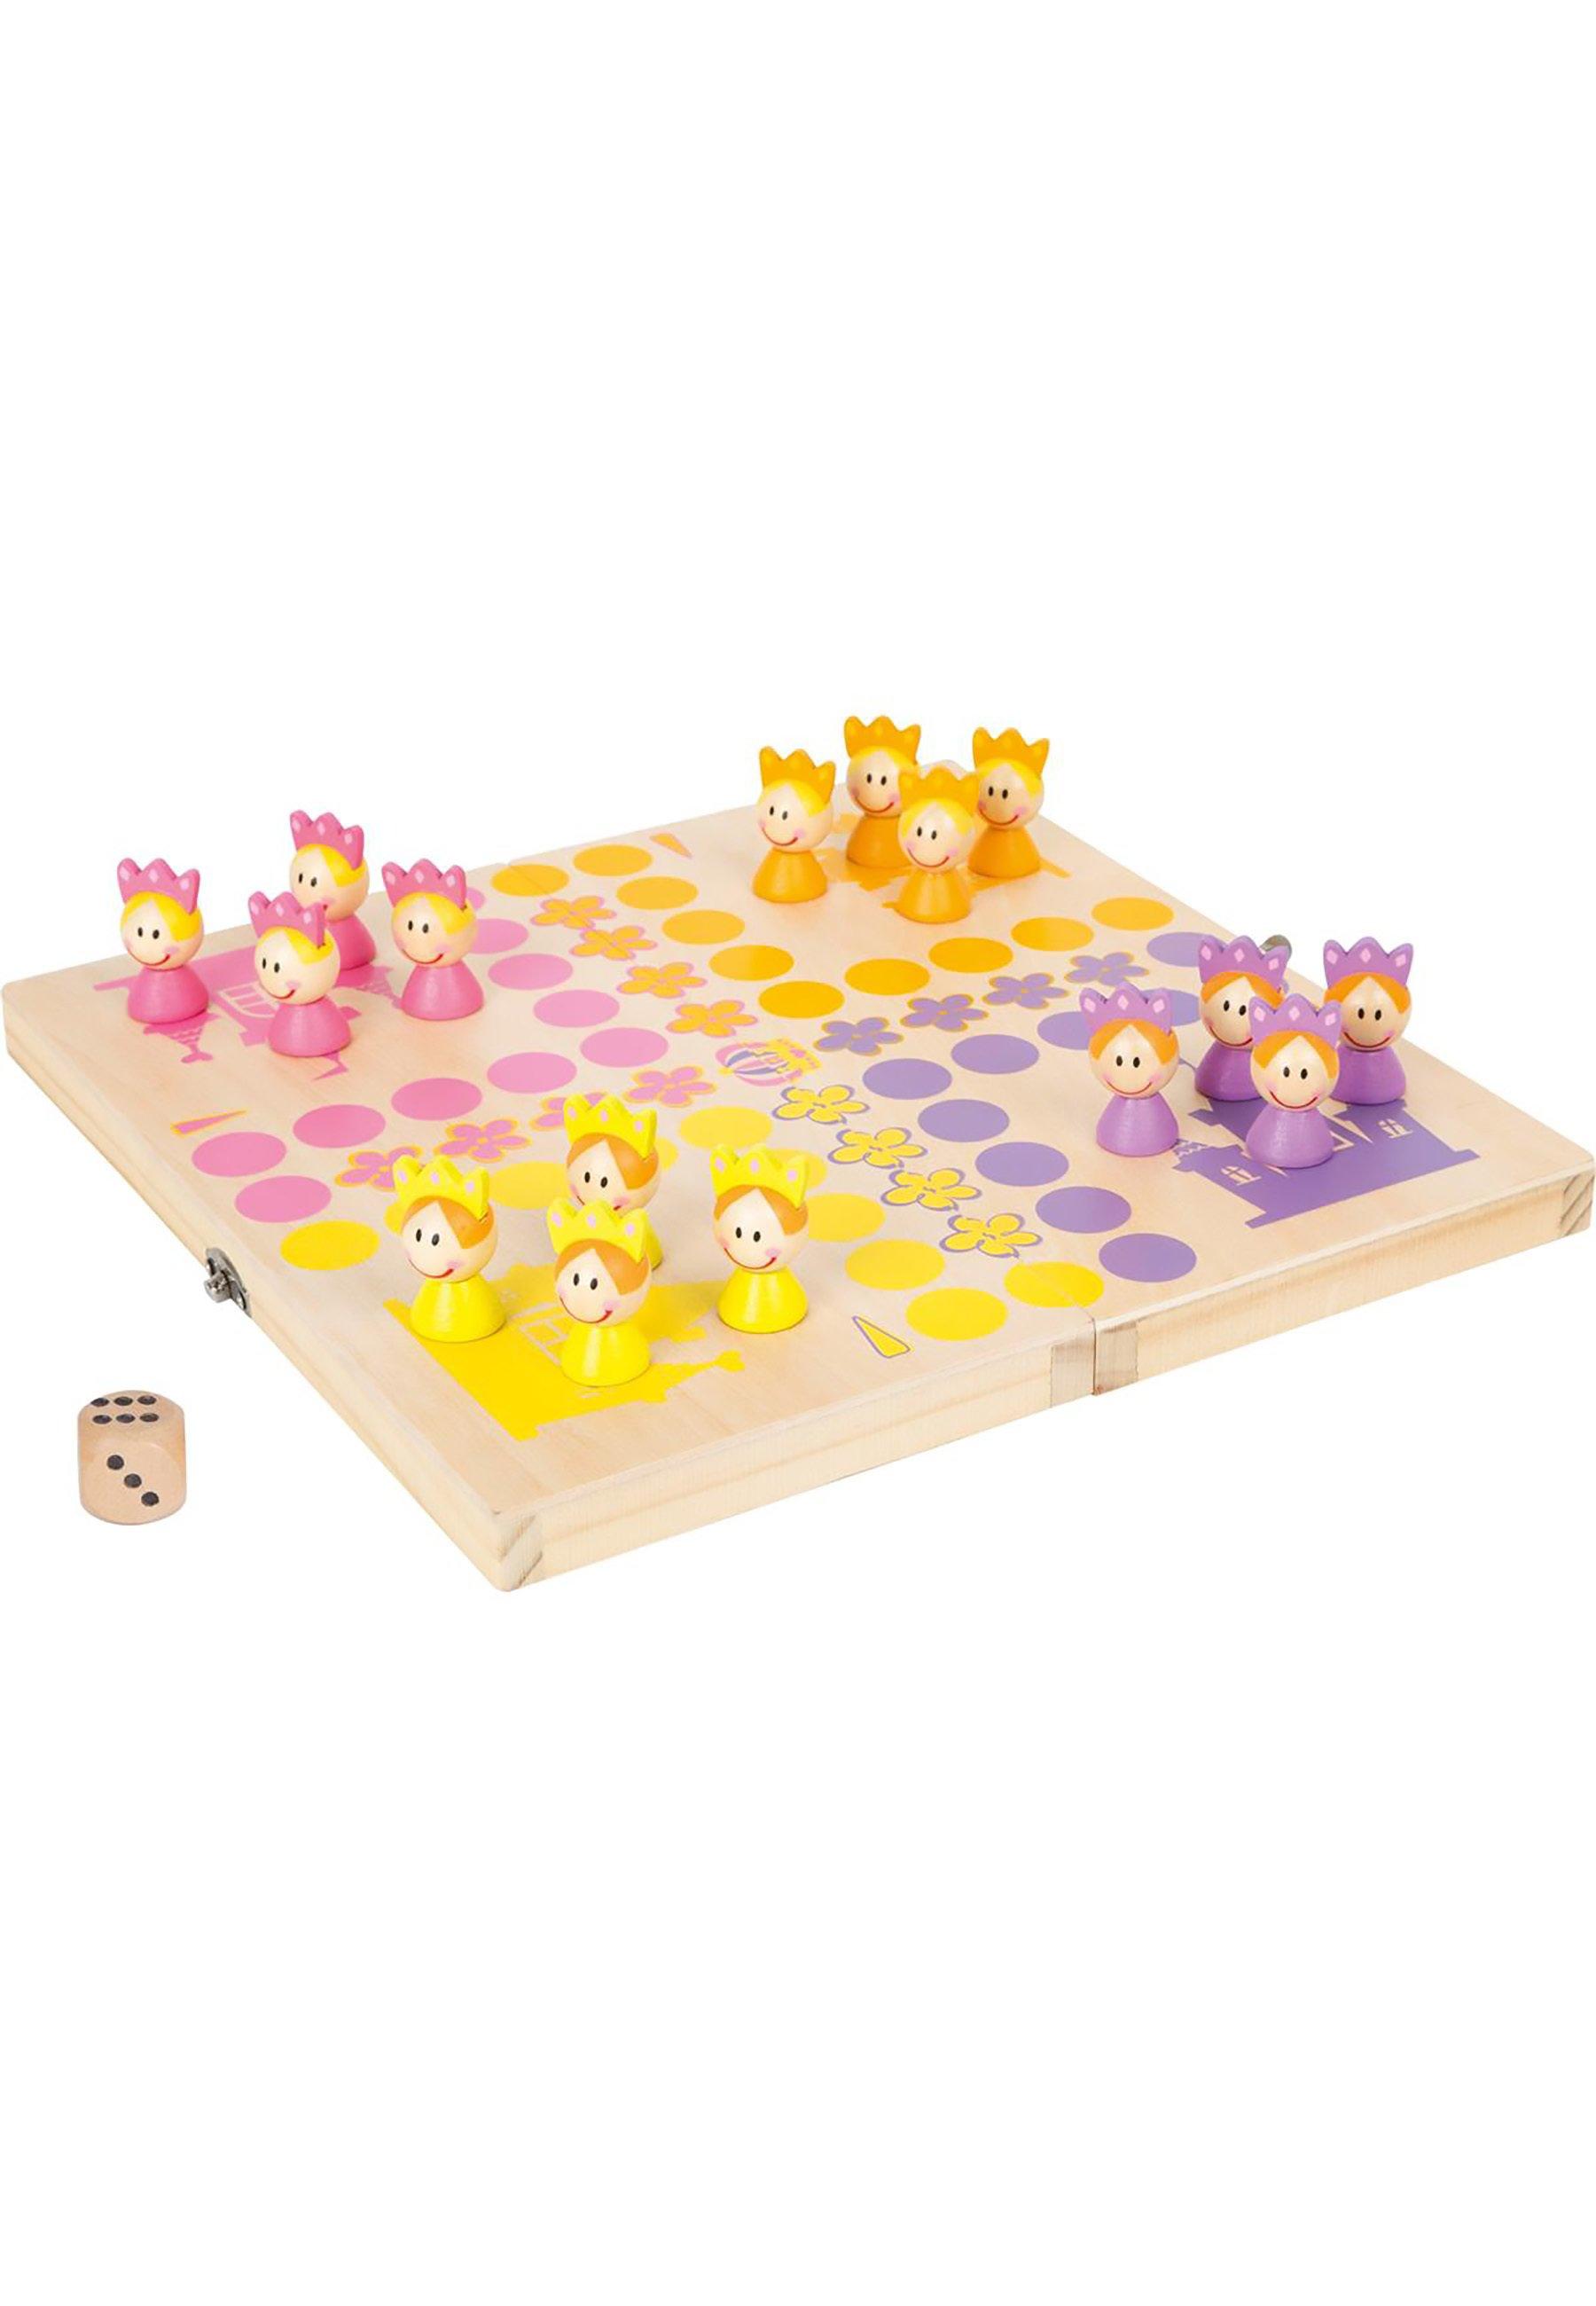 Kinder LUDO PRINZESSINNEN - Brettspiel